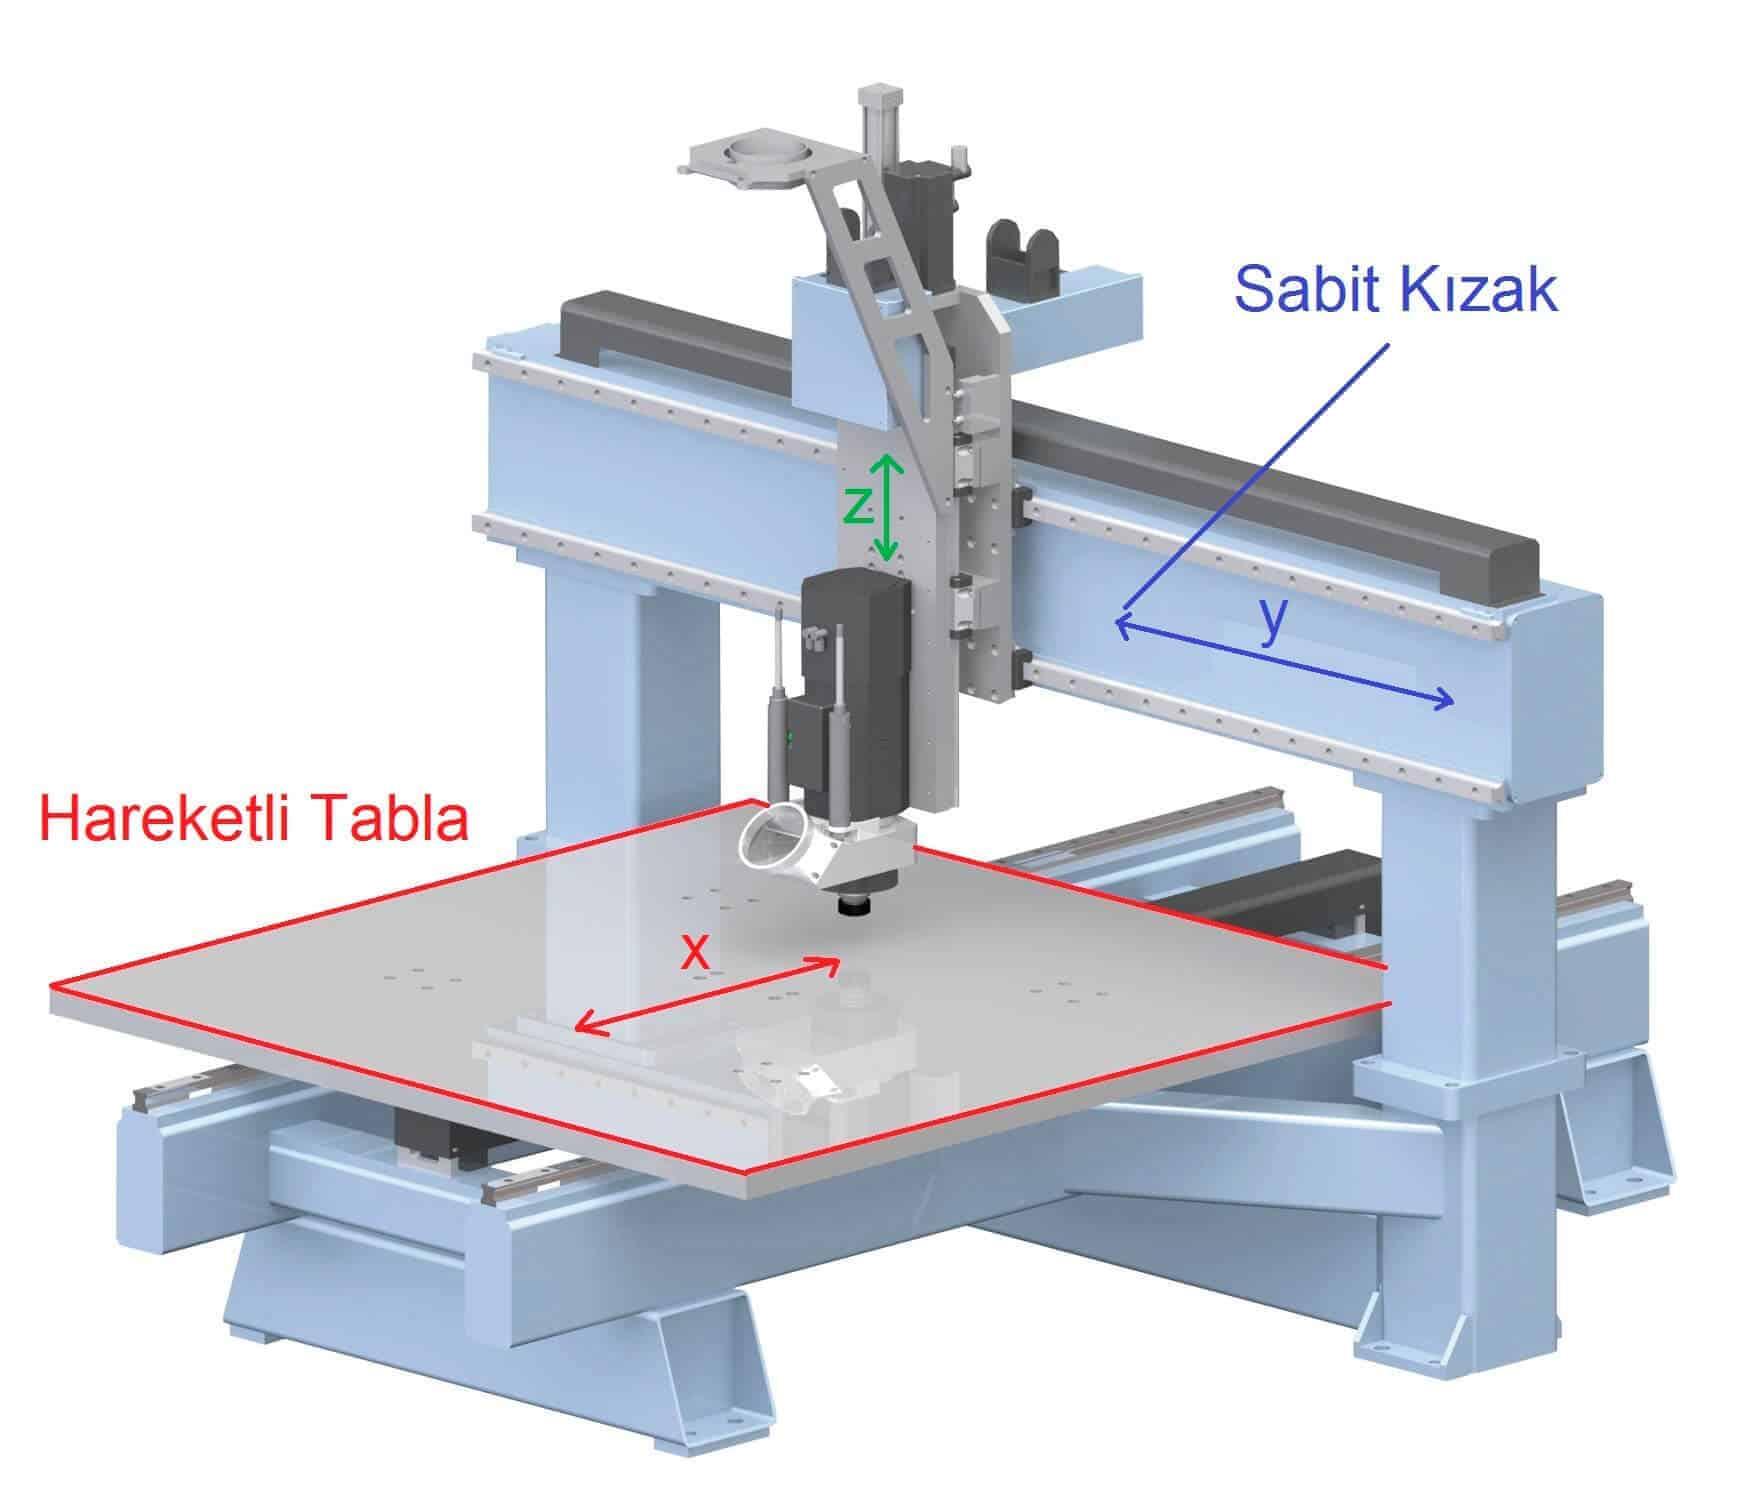 Hareketli Tabla - CNC